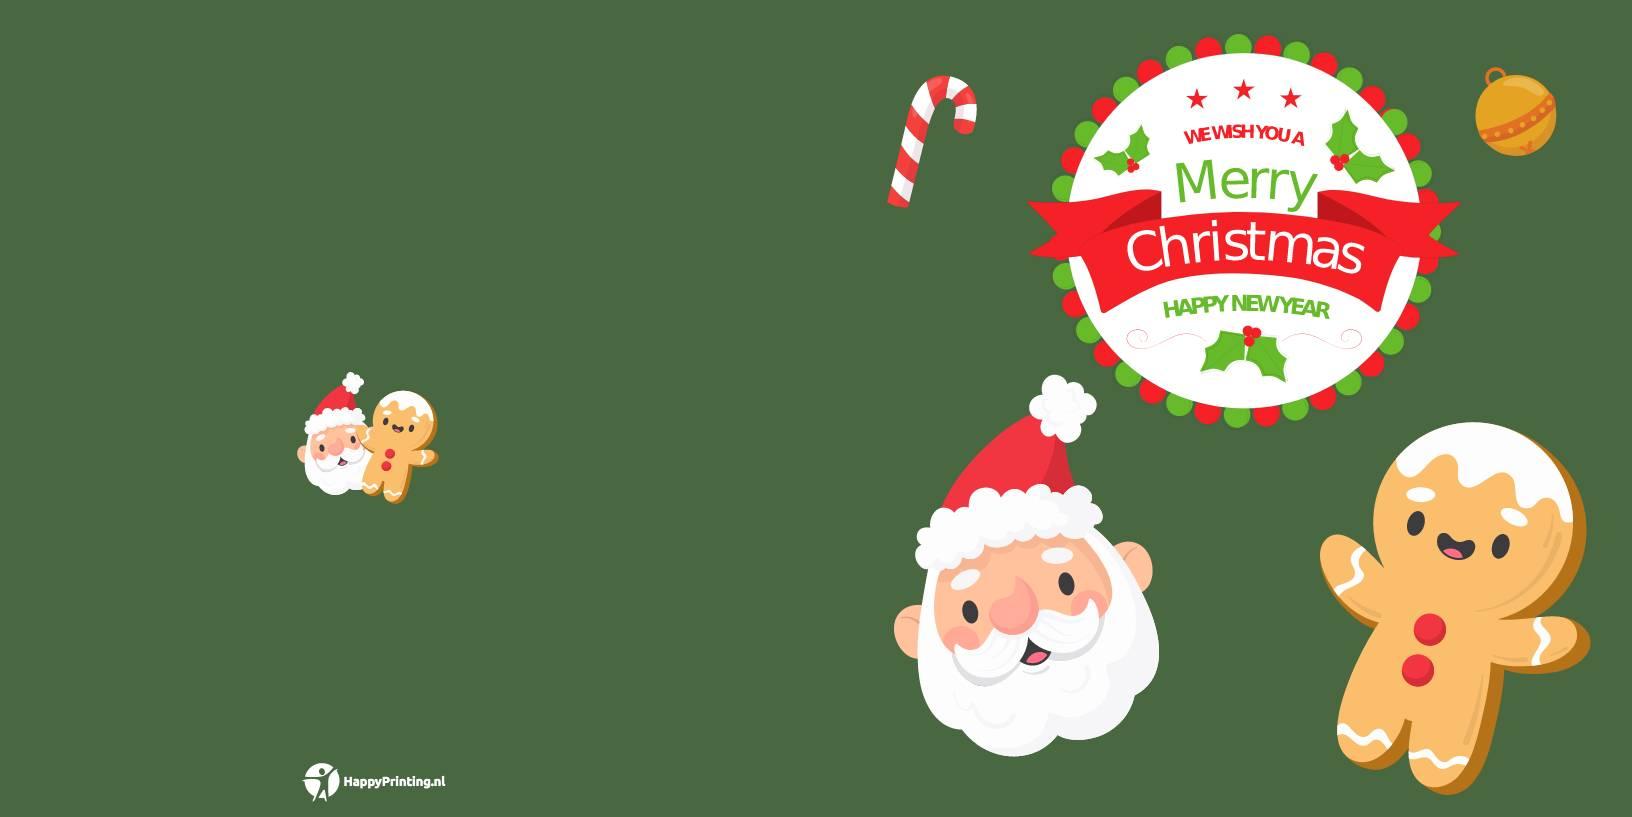 Persoonlijk _ Kerst 017 _ P